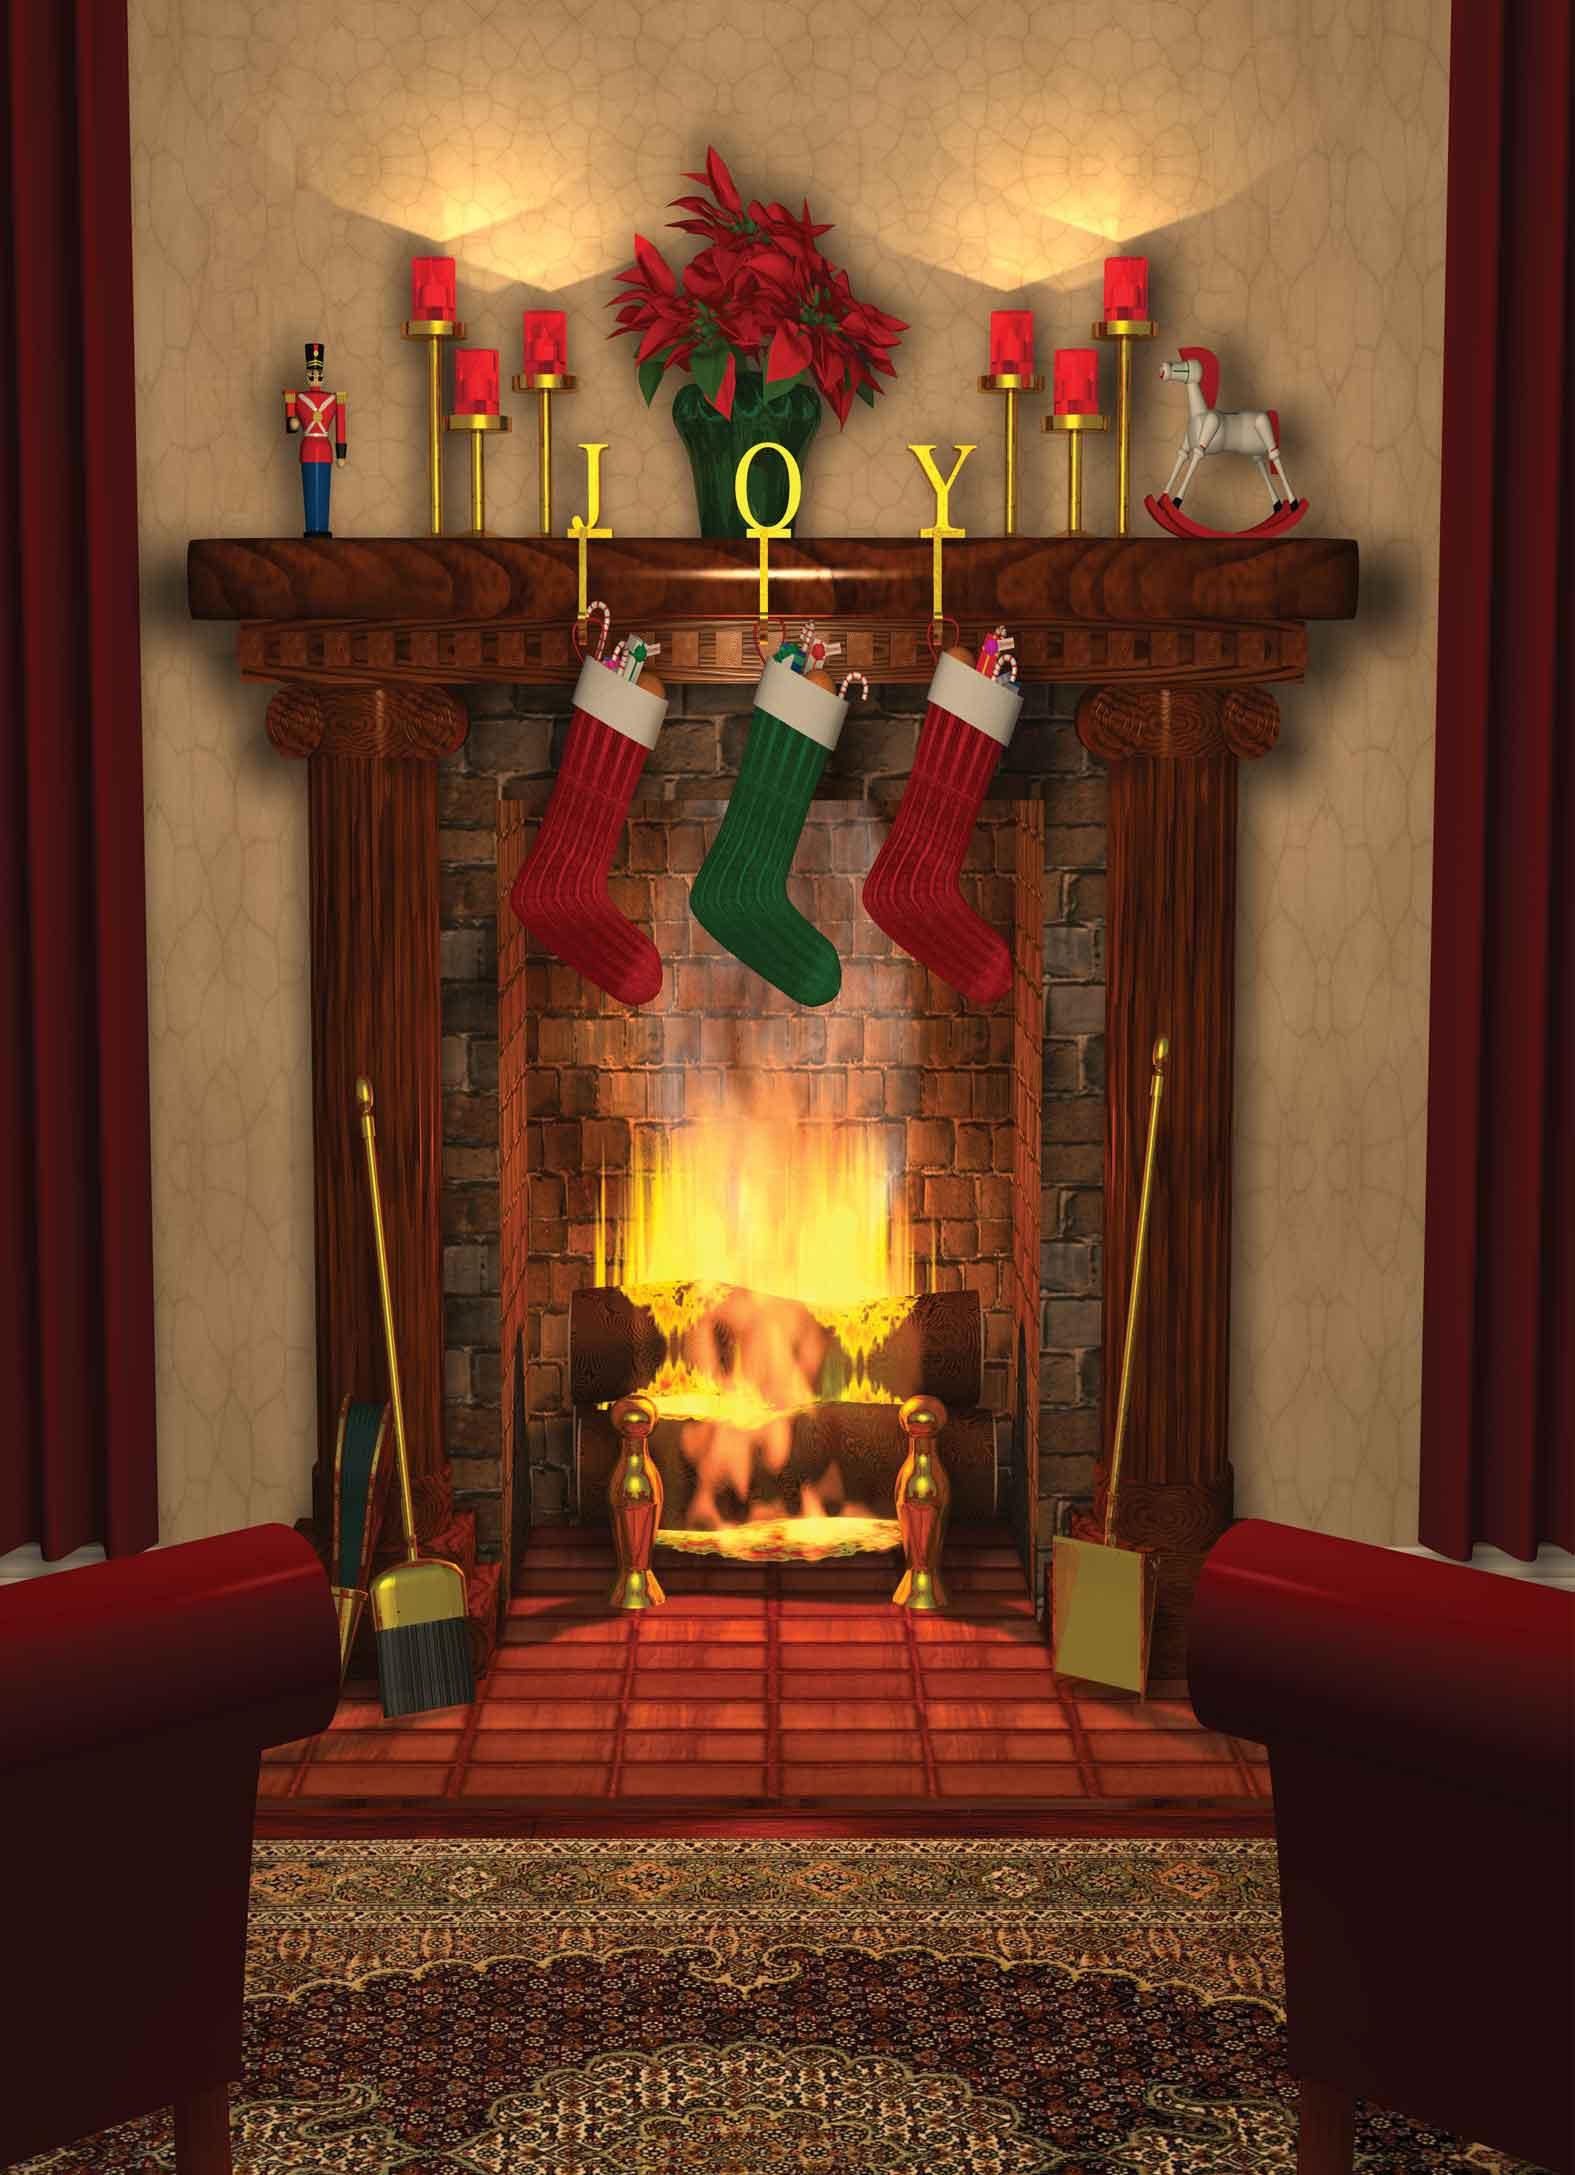 Holiday Greeting Card - v7